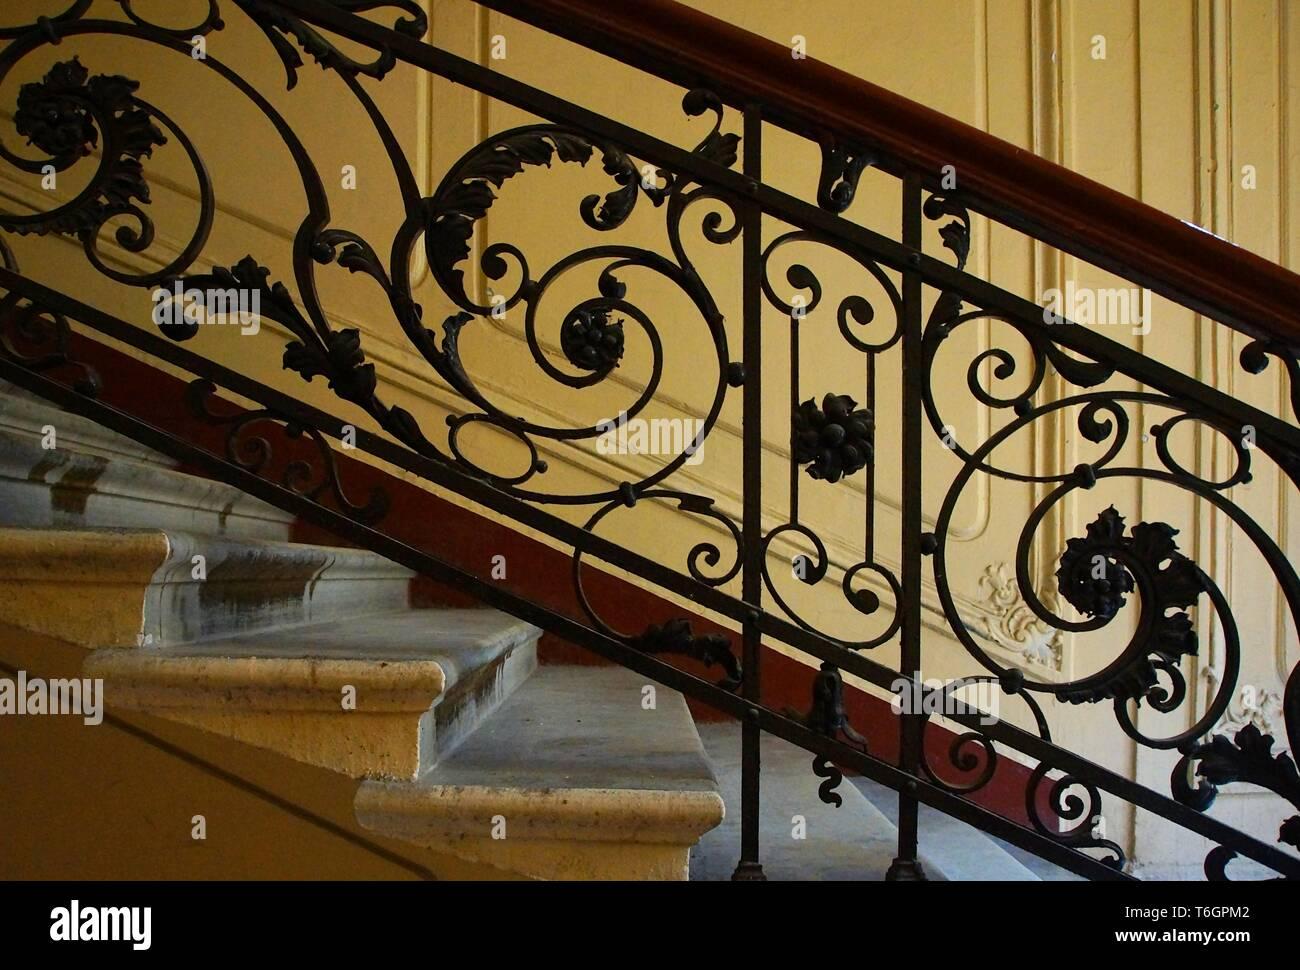 Fragmento de la escalera en el estilo Art Nouveau. Foto de stock